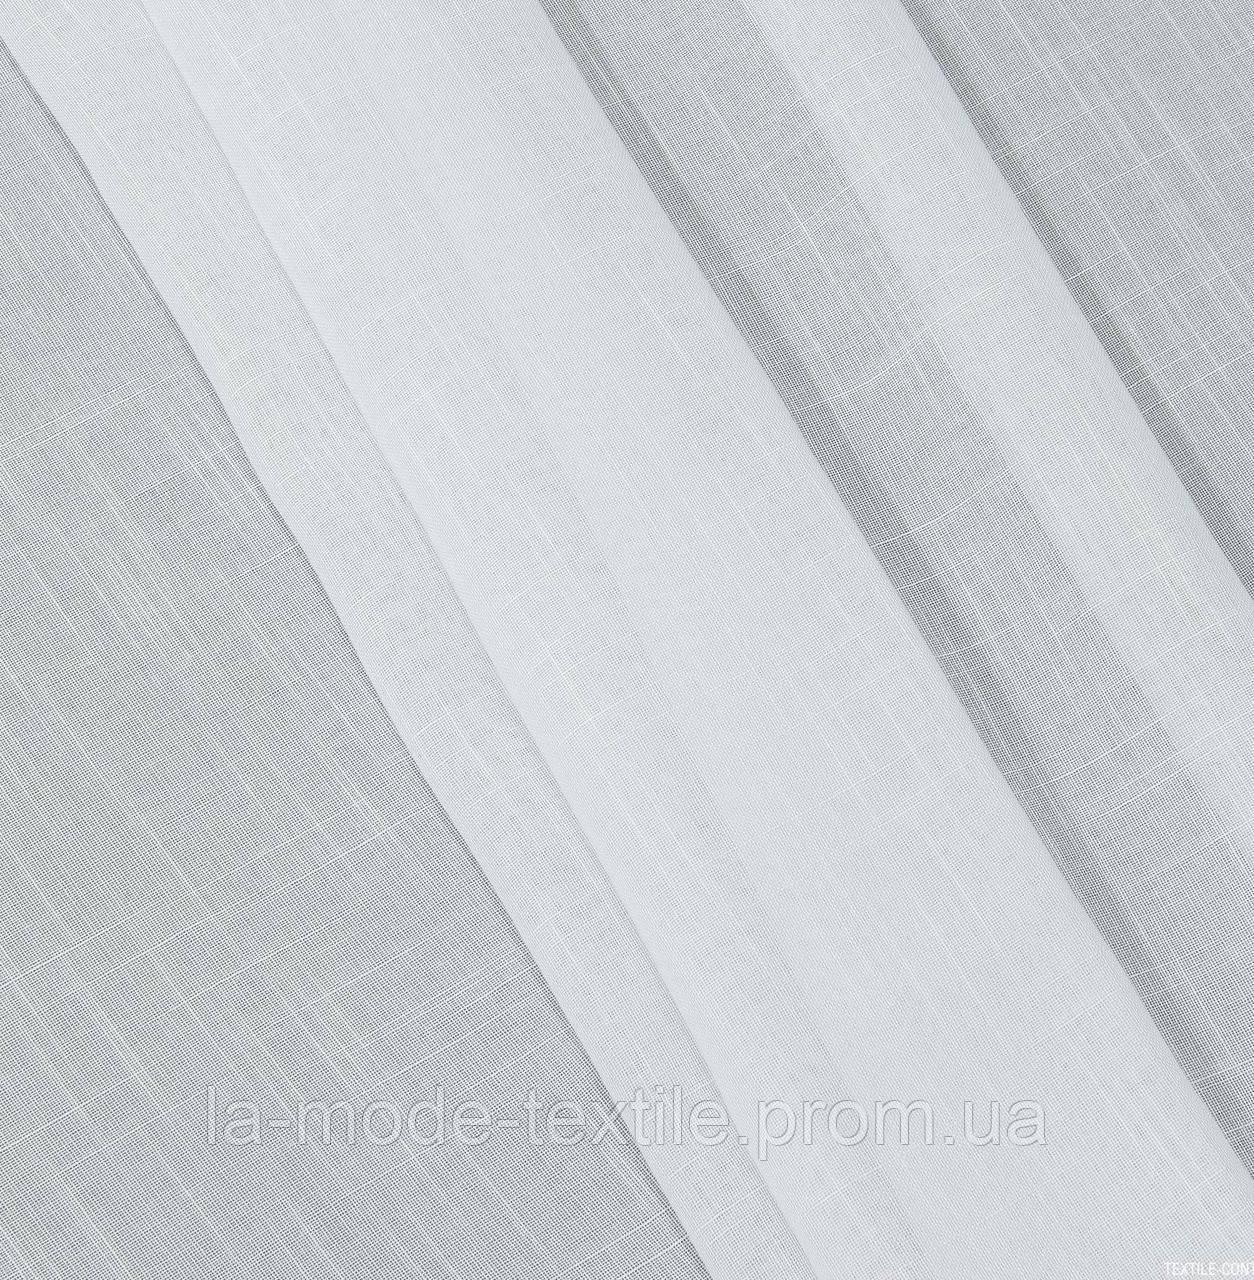 Гардина лен Испания белый в. 295 см